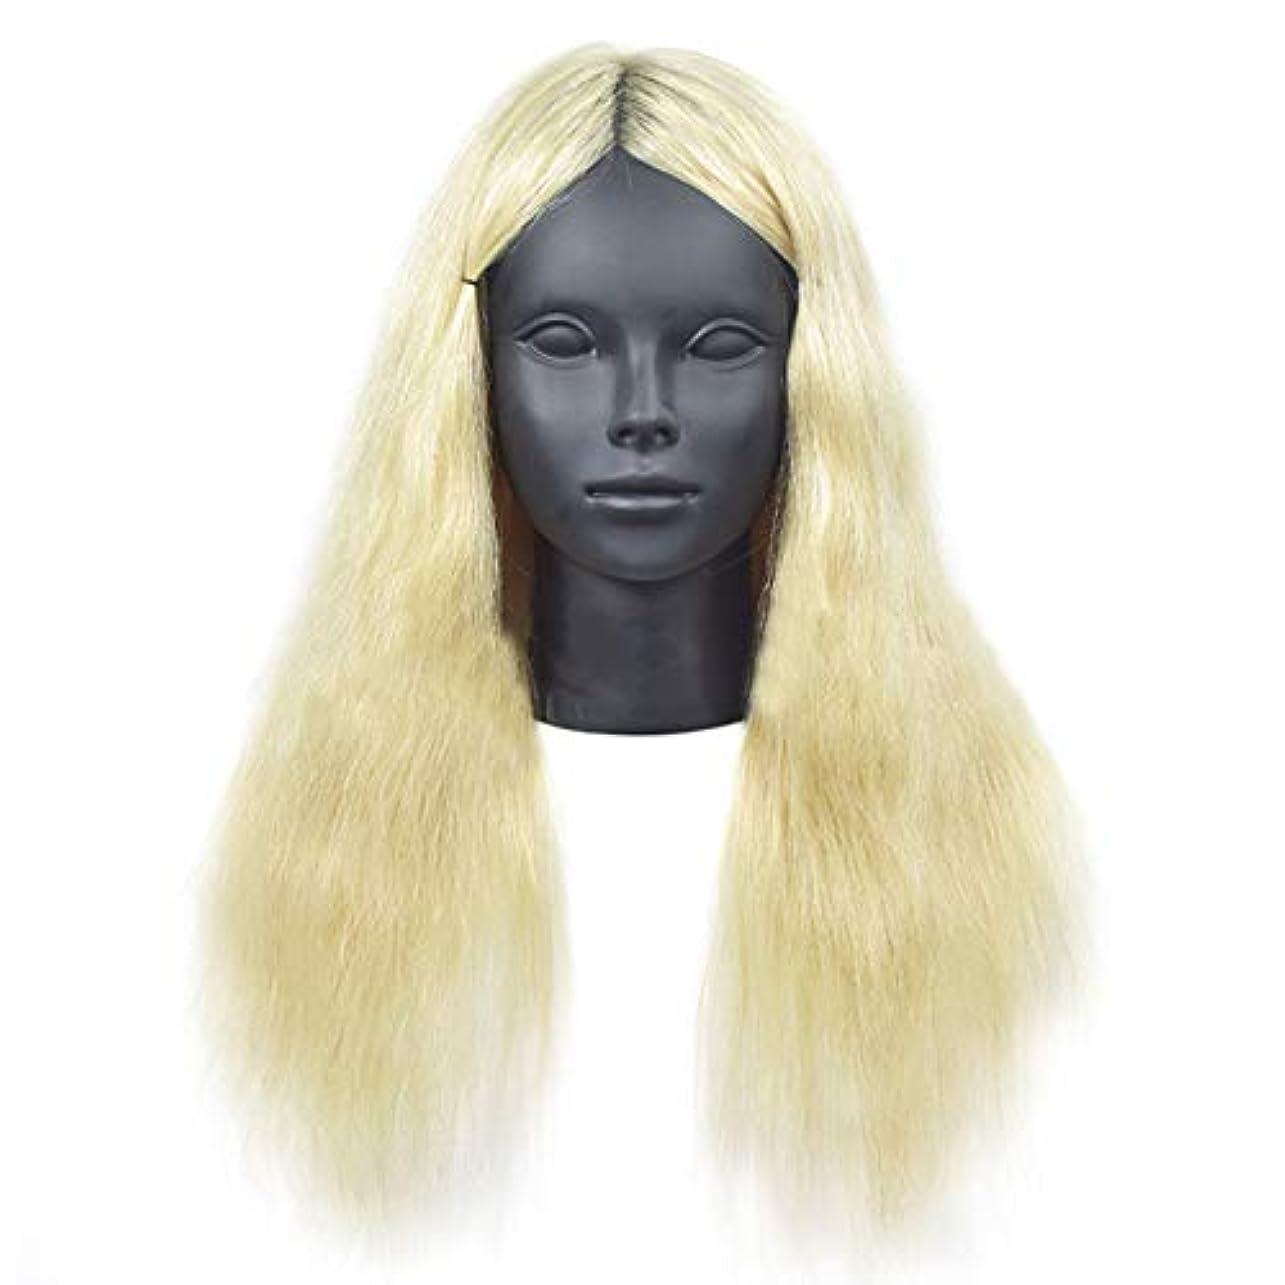 帰る流体生き物リアル人間の髪教育ヘッドパーマ髪織り髪モデル髪染め理髪ダミーヘッド学校教育ヘッドモデル